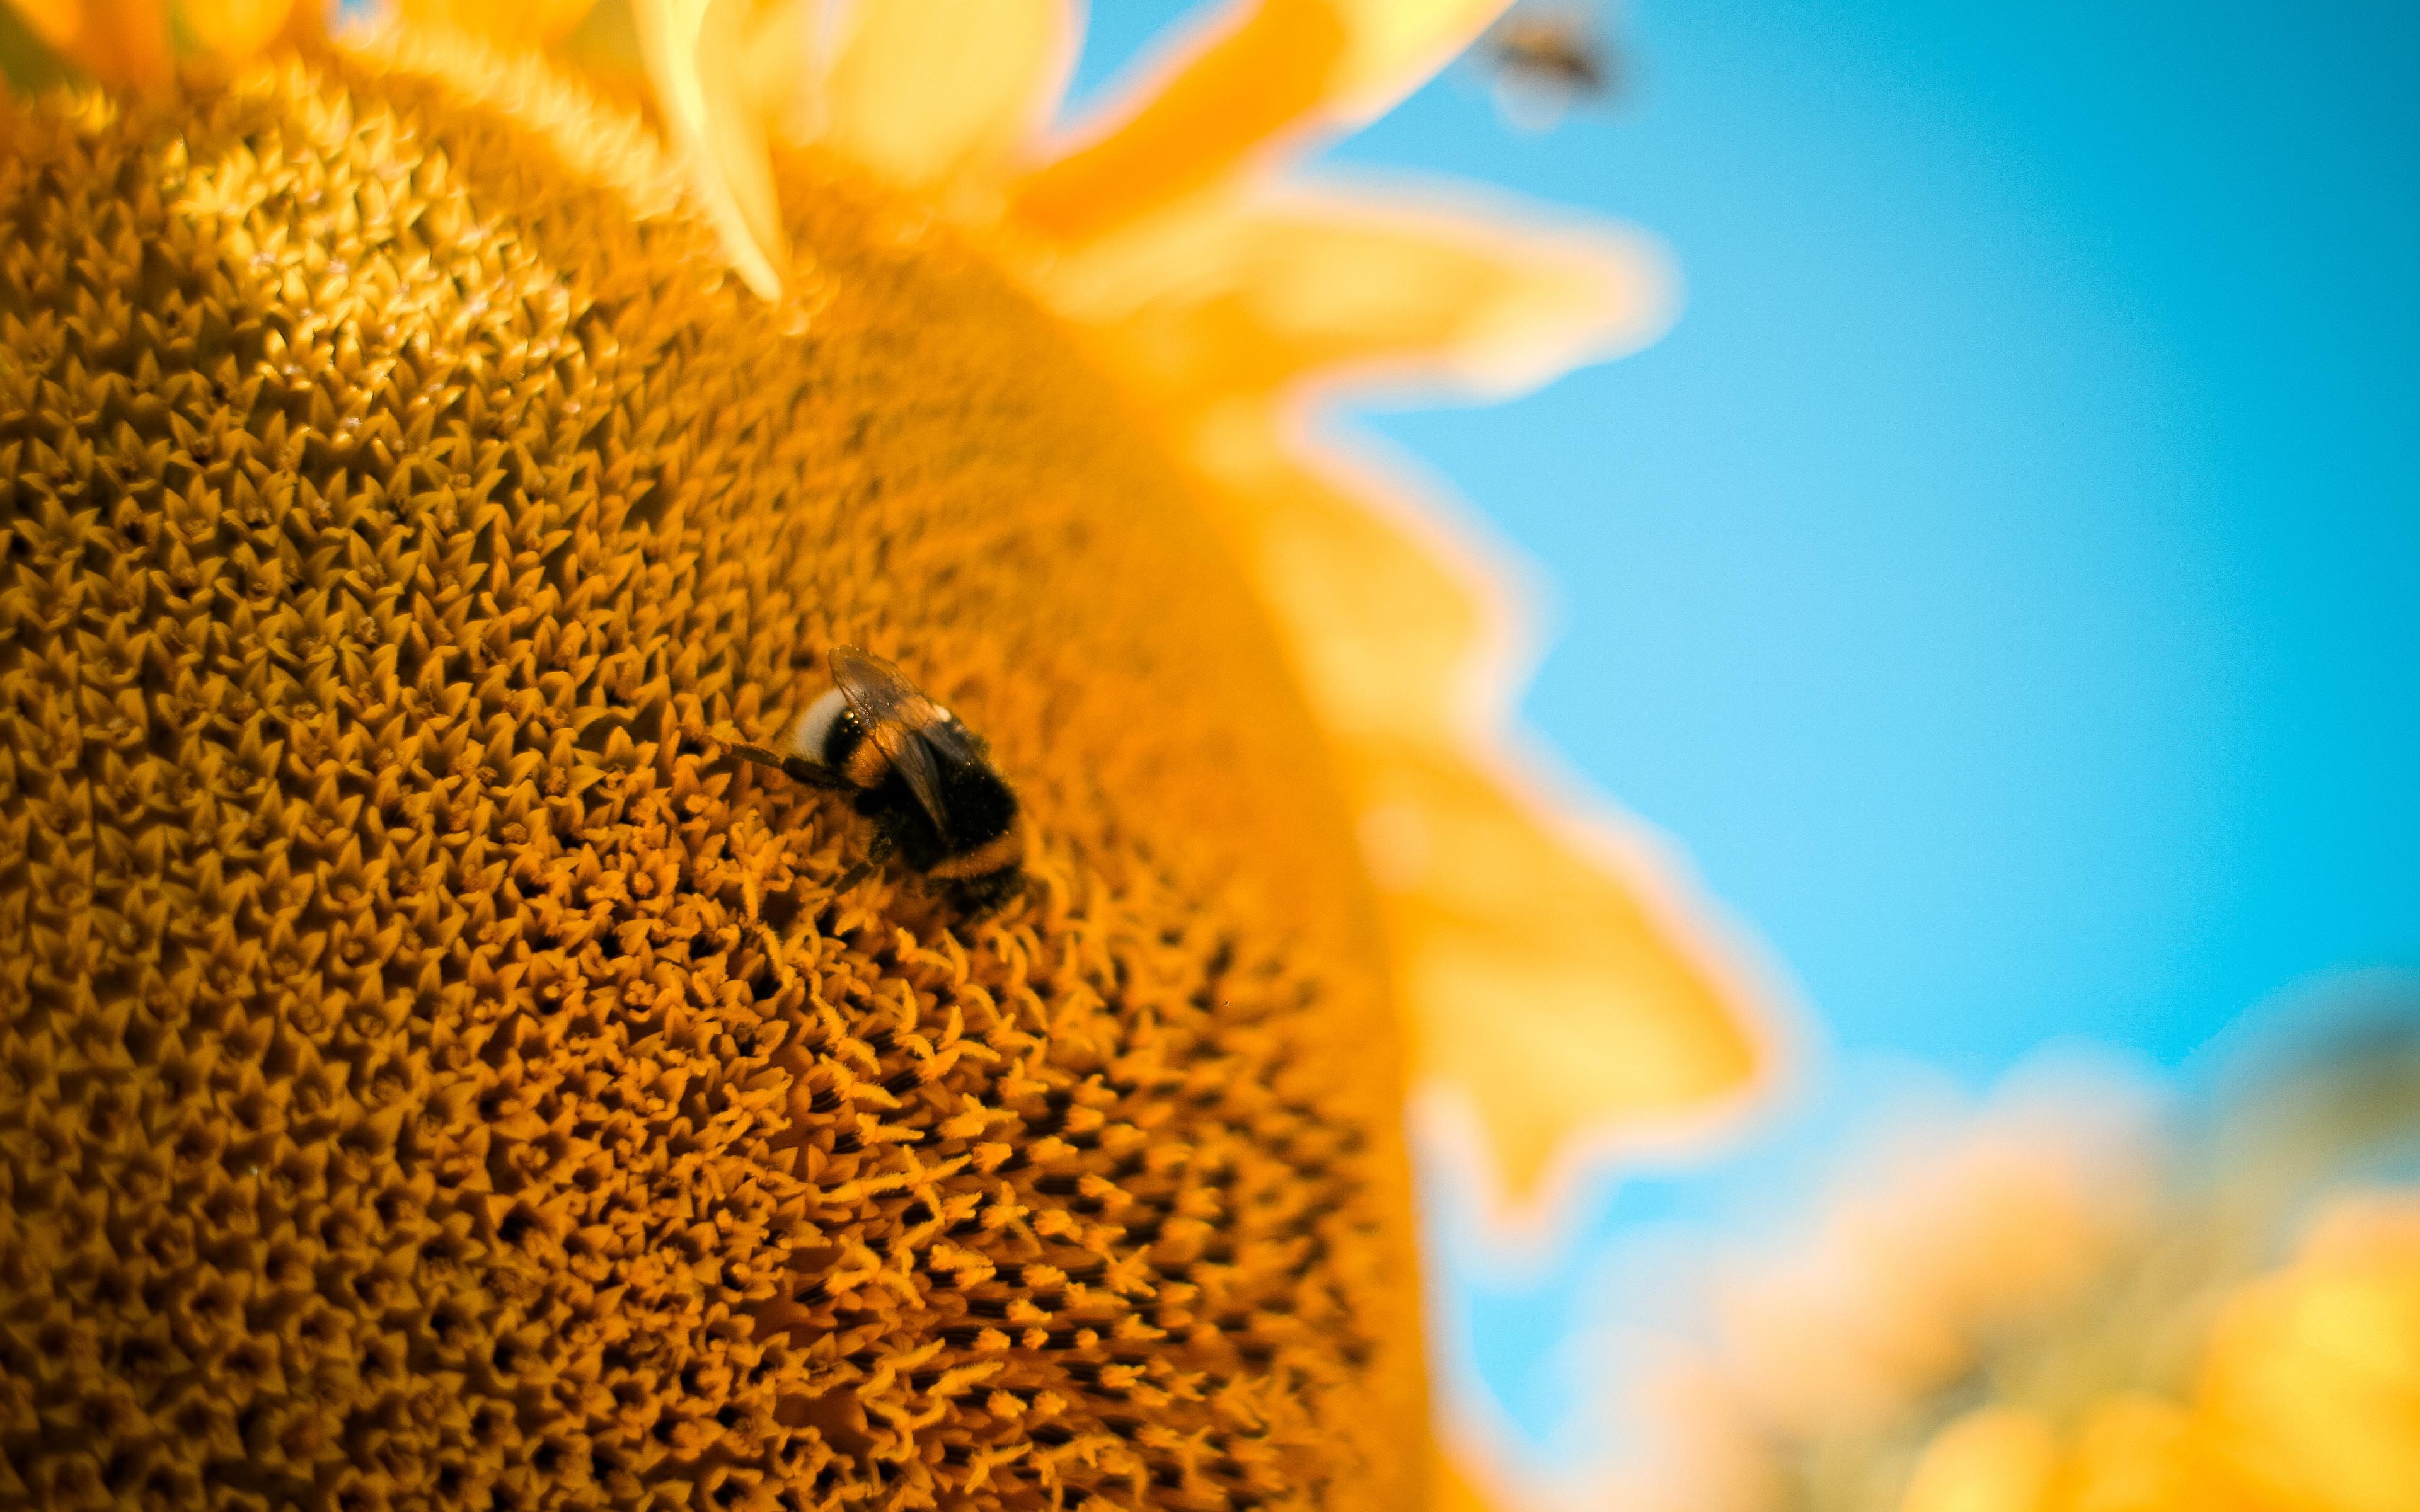 Пчела на подсолнухе  № 657671 бесплатно